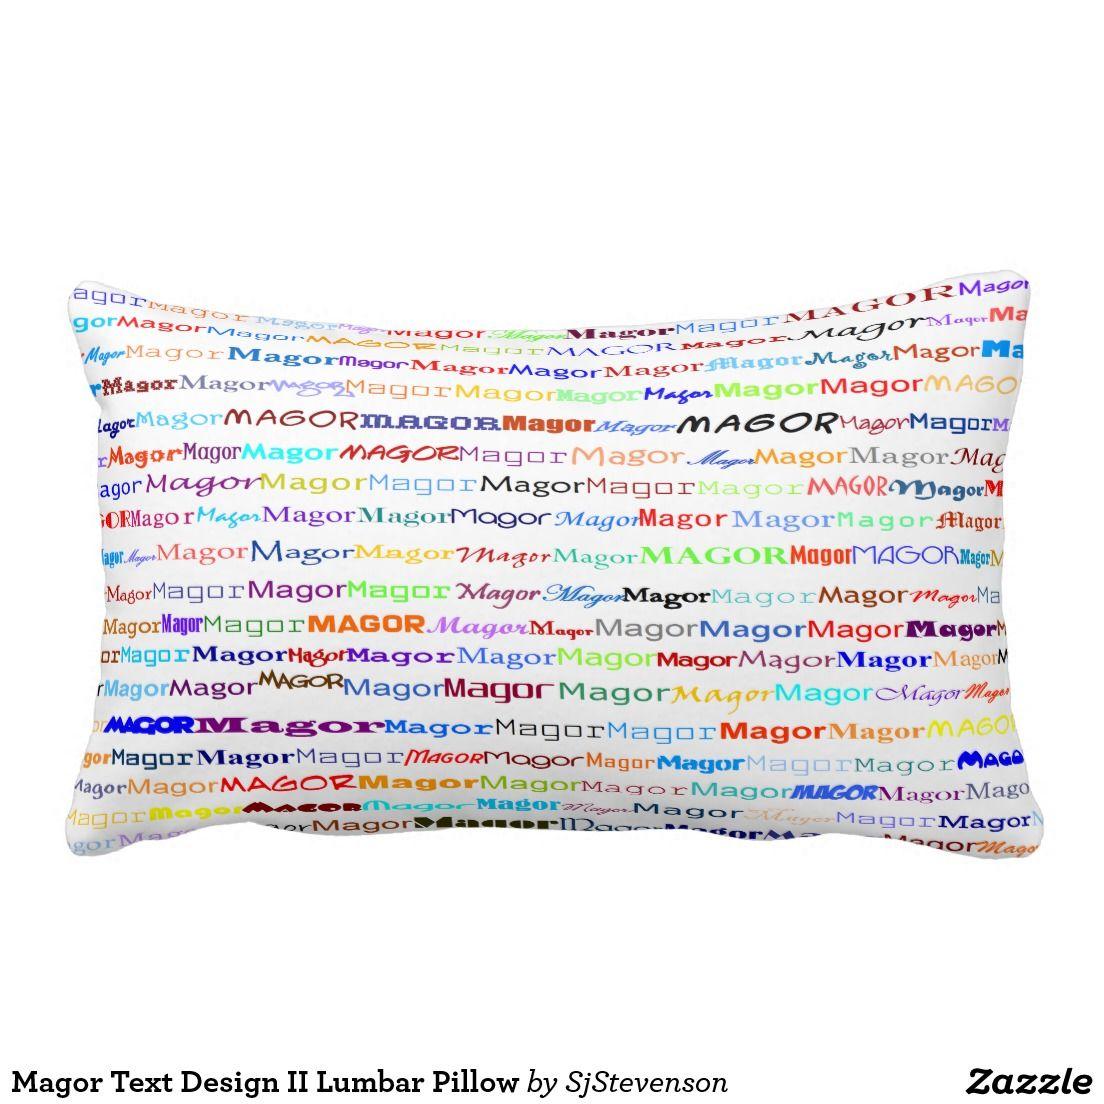 Magor Text Design II Lumbar Pillow